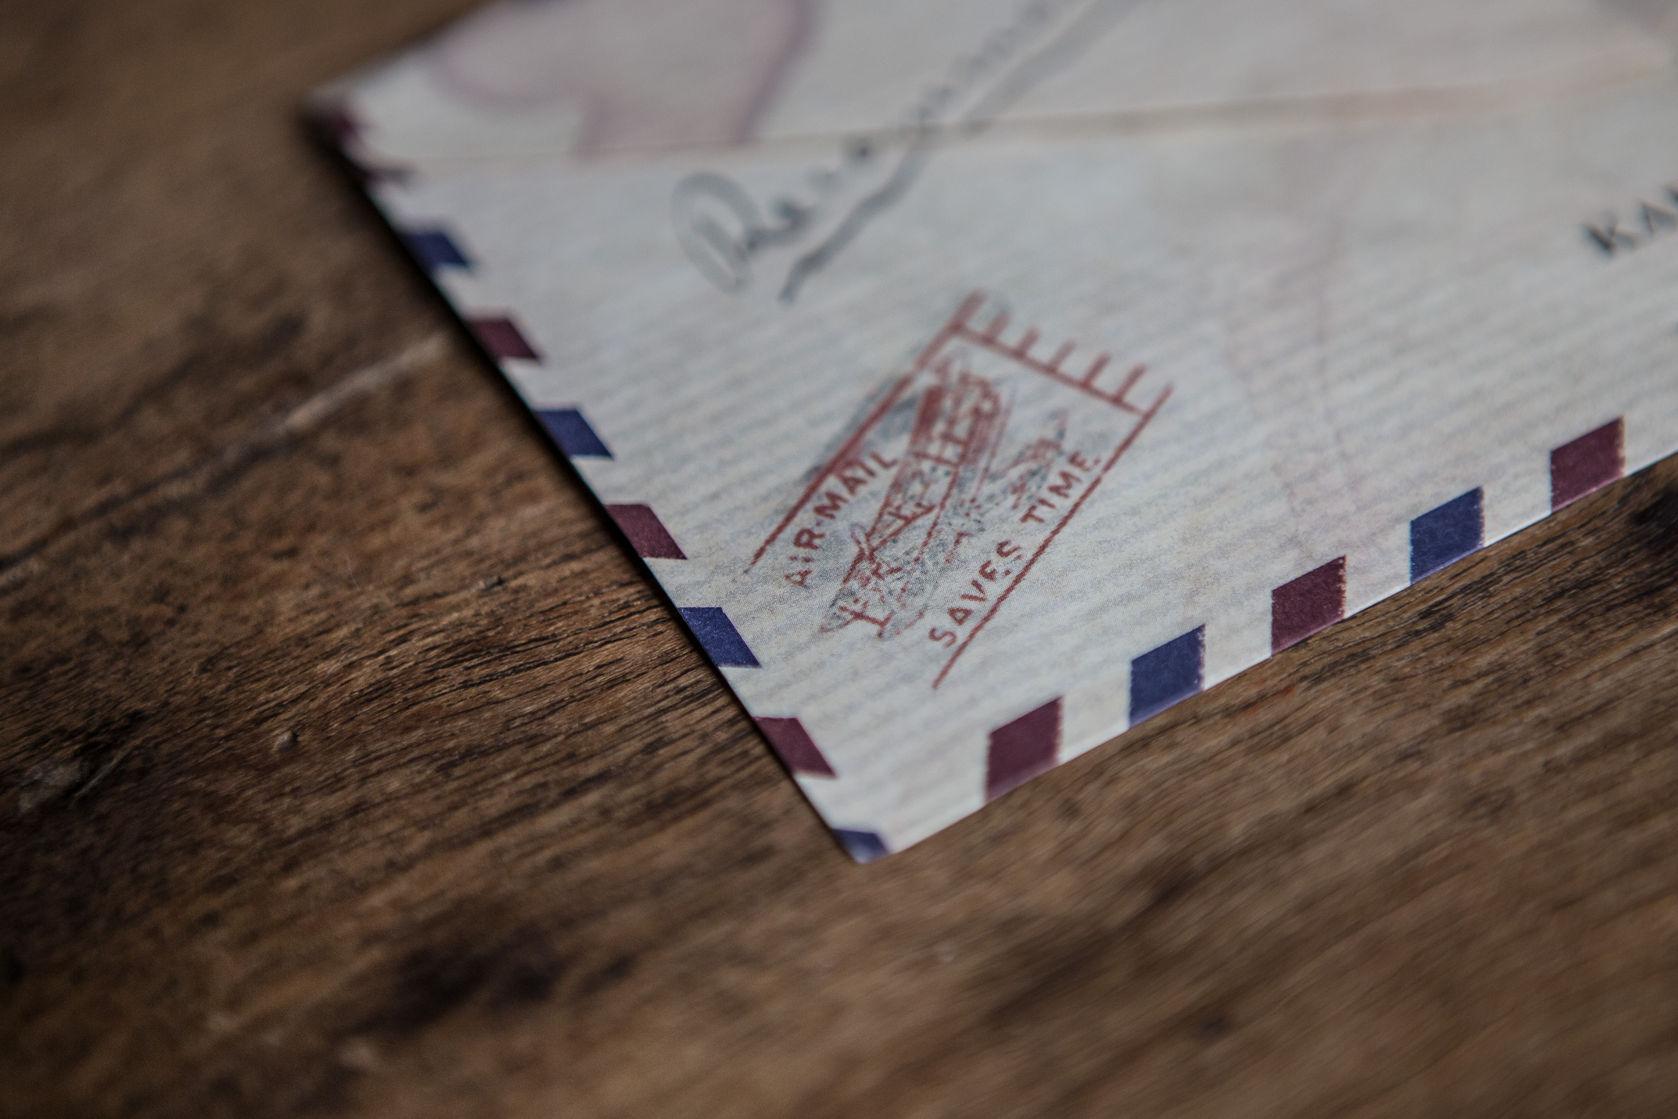 O carte poștală a ajuns la destinație după 53 de ani. Mesajul care nu a mai ajuns la destinatar